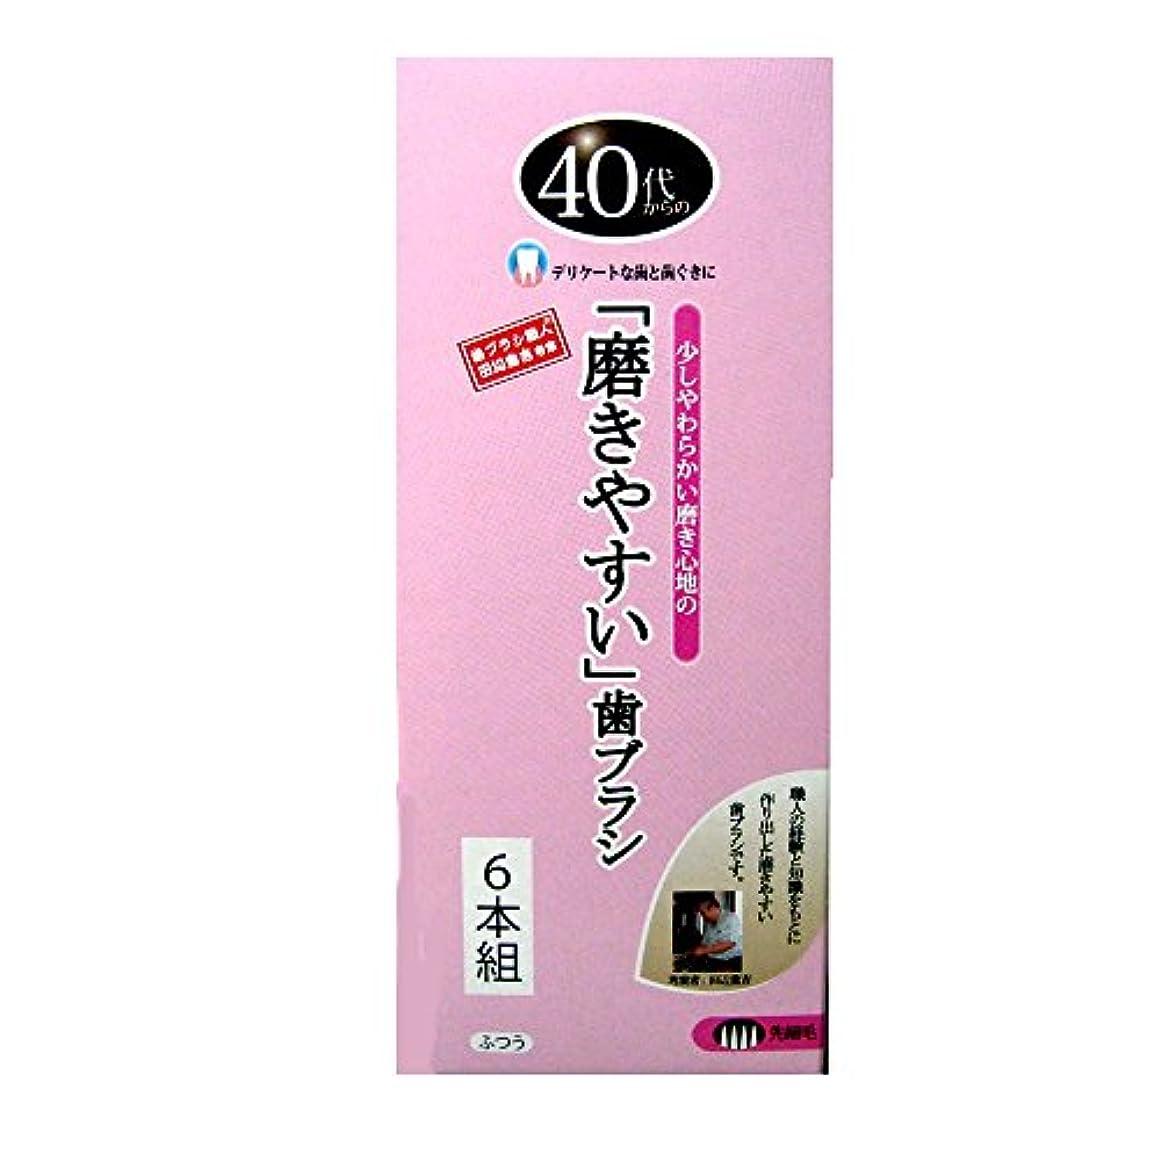 石油牧師安心ライフレンジ 磨きやすい歯ブラシ 40代から ふつう LT-115 6本組 4560292169909